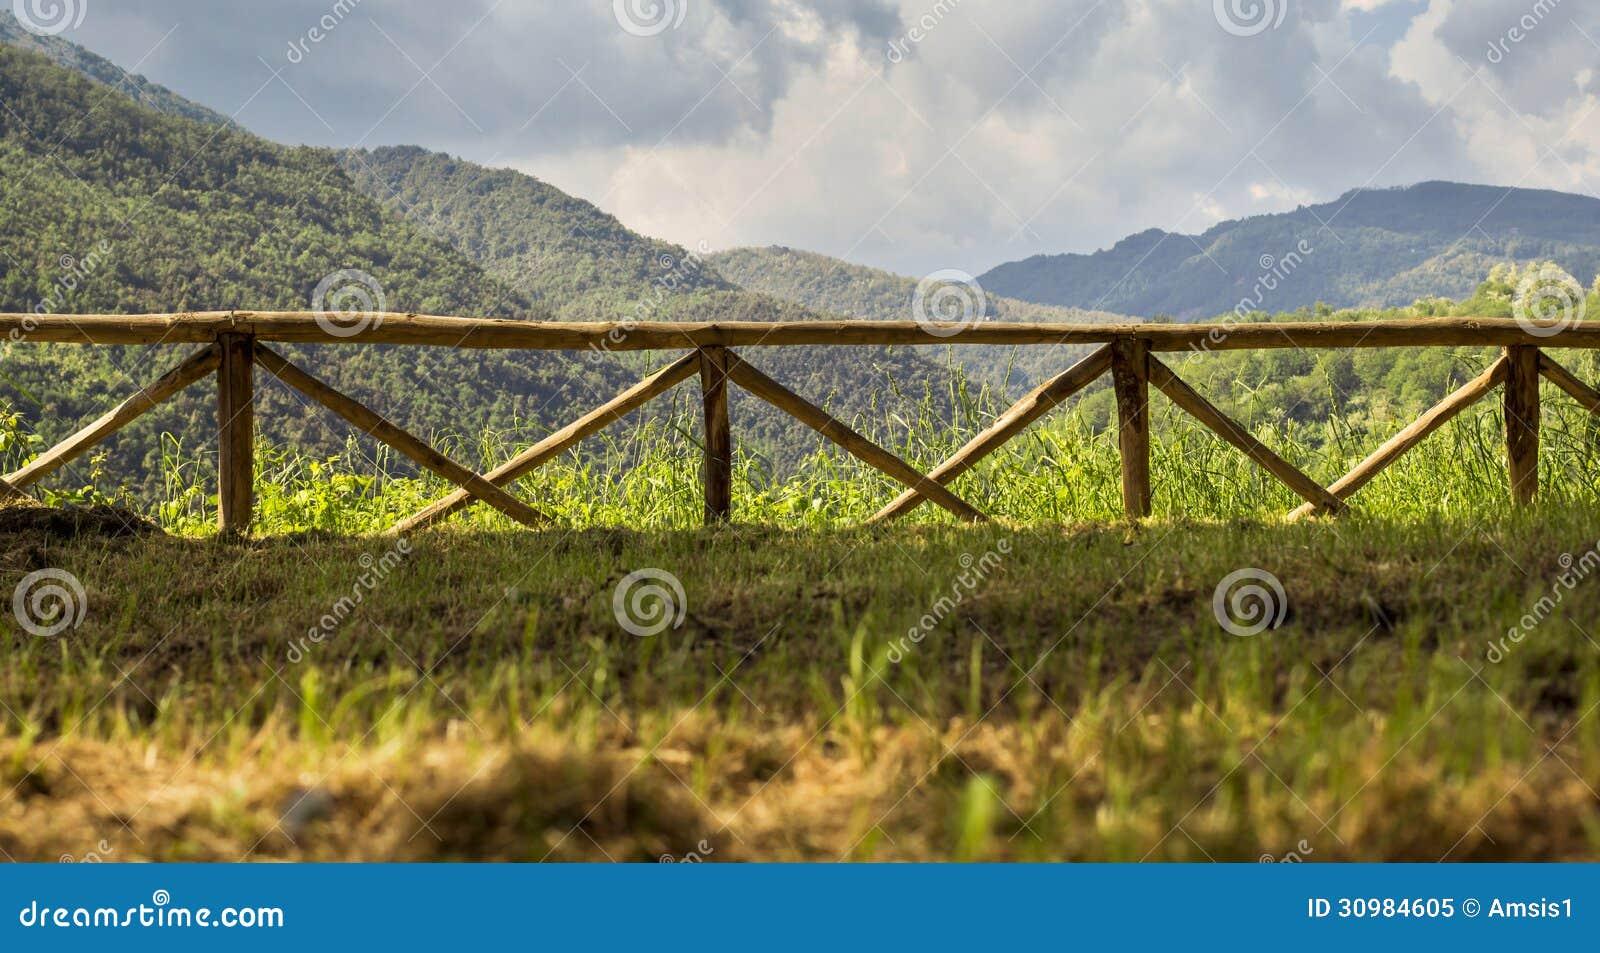 Recinto di legno con il paesaggio di mountain view for Recinto in legno